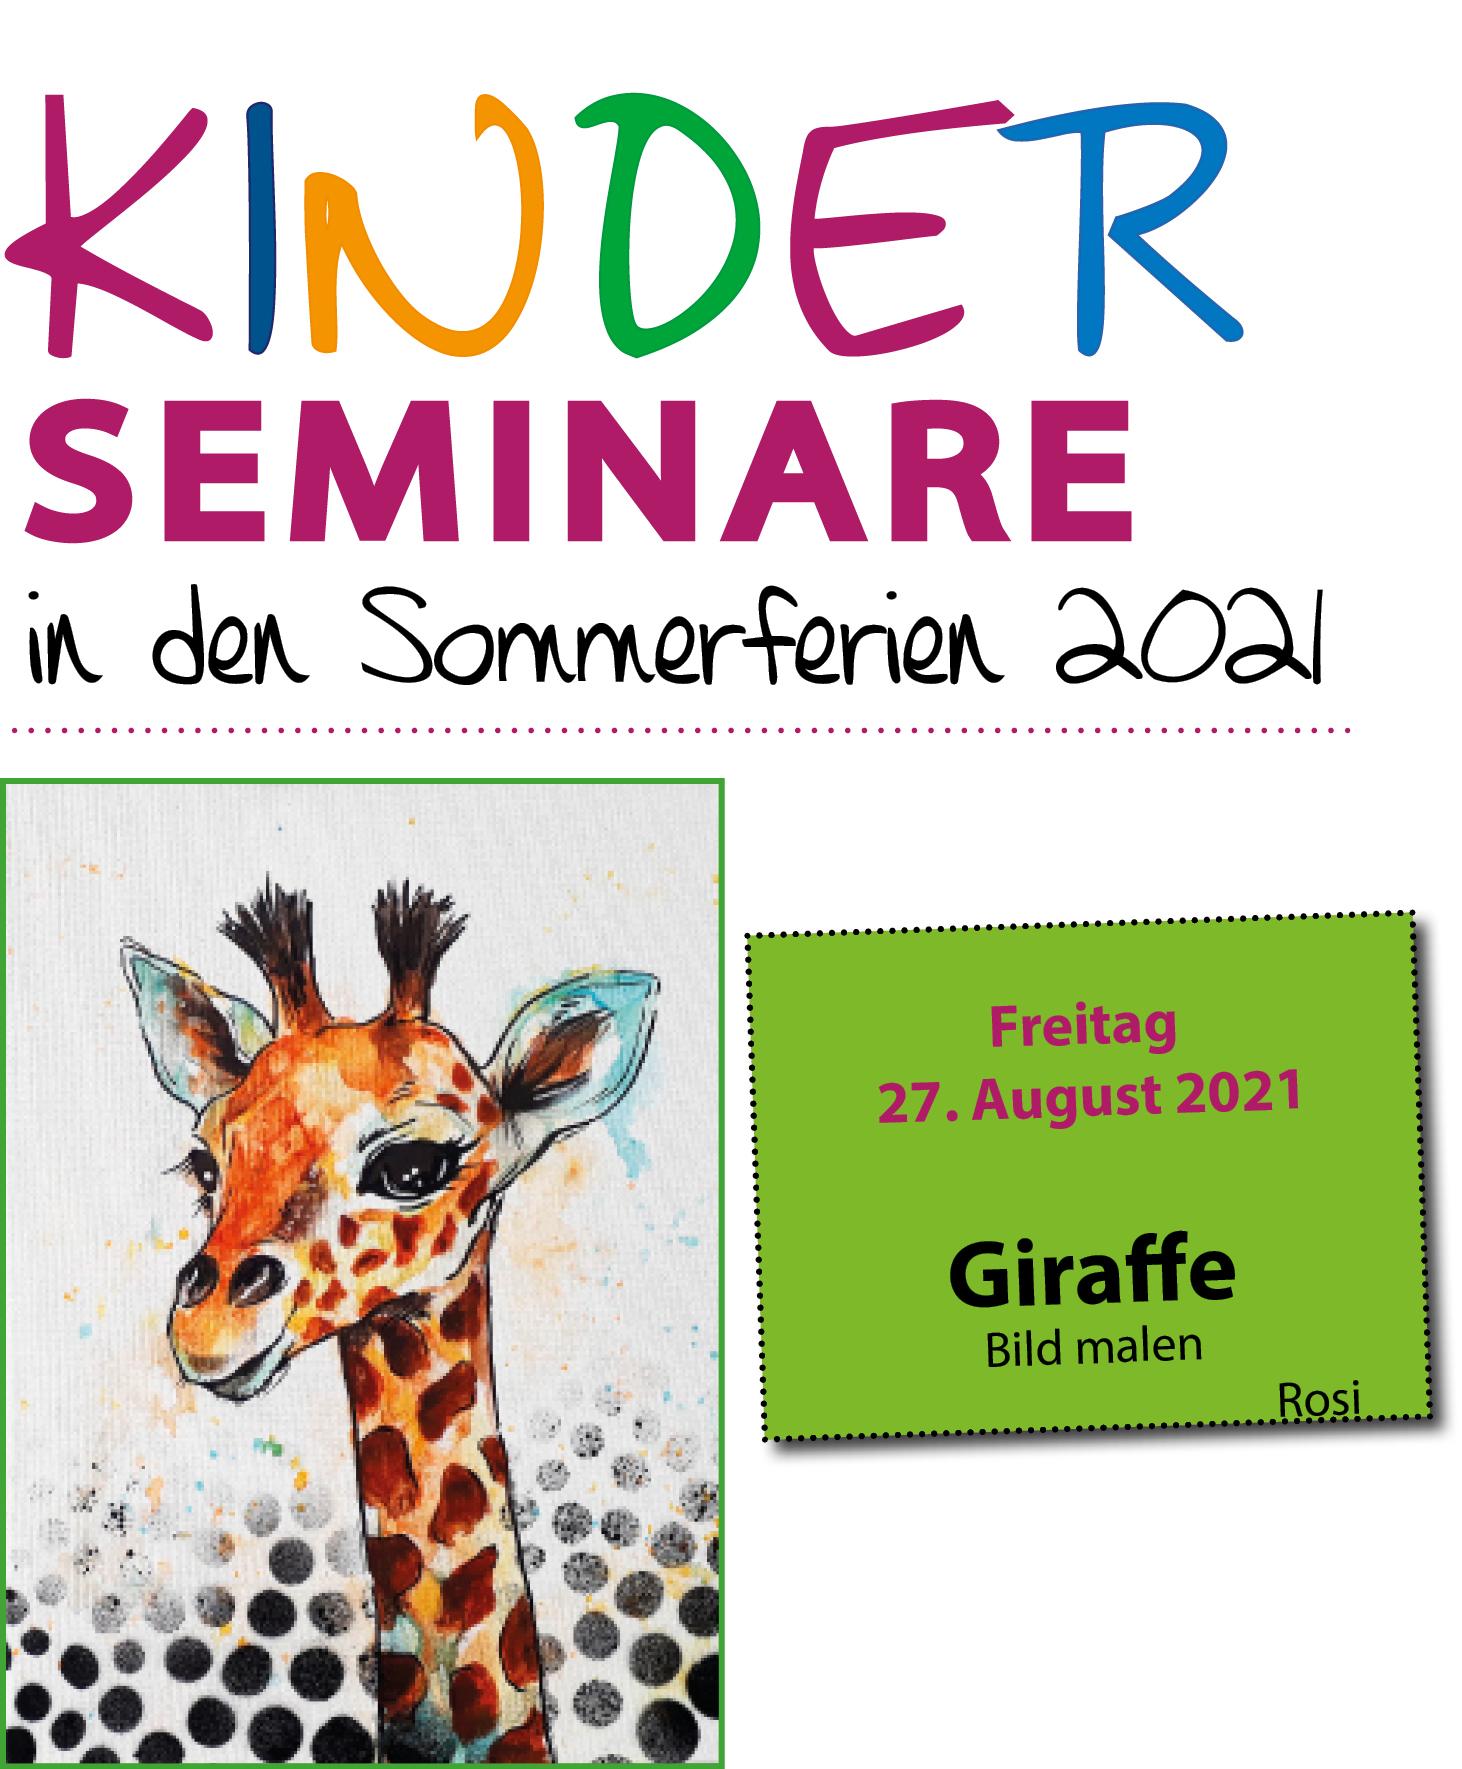 Kinderseminar Giraffenbild